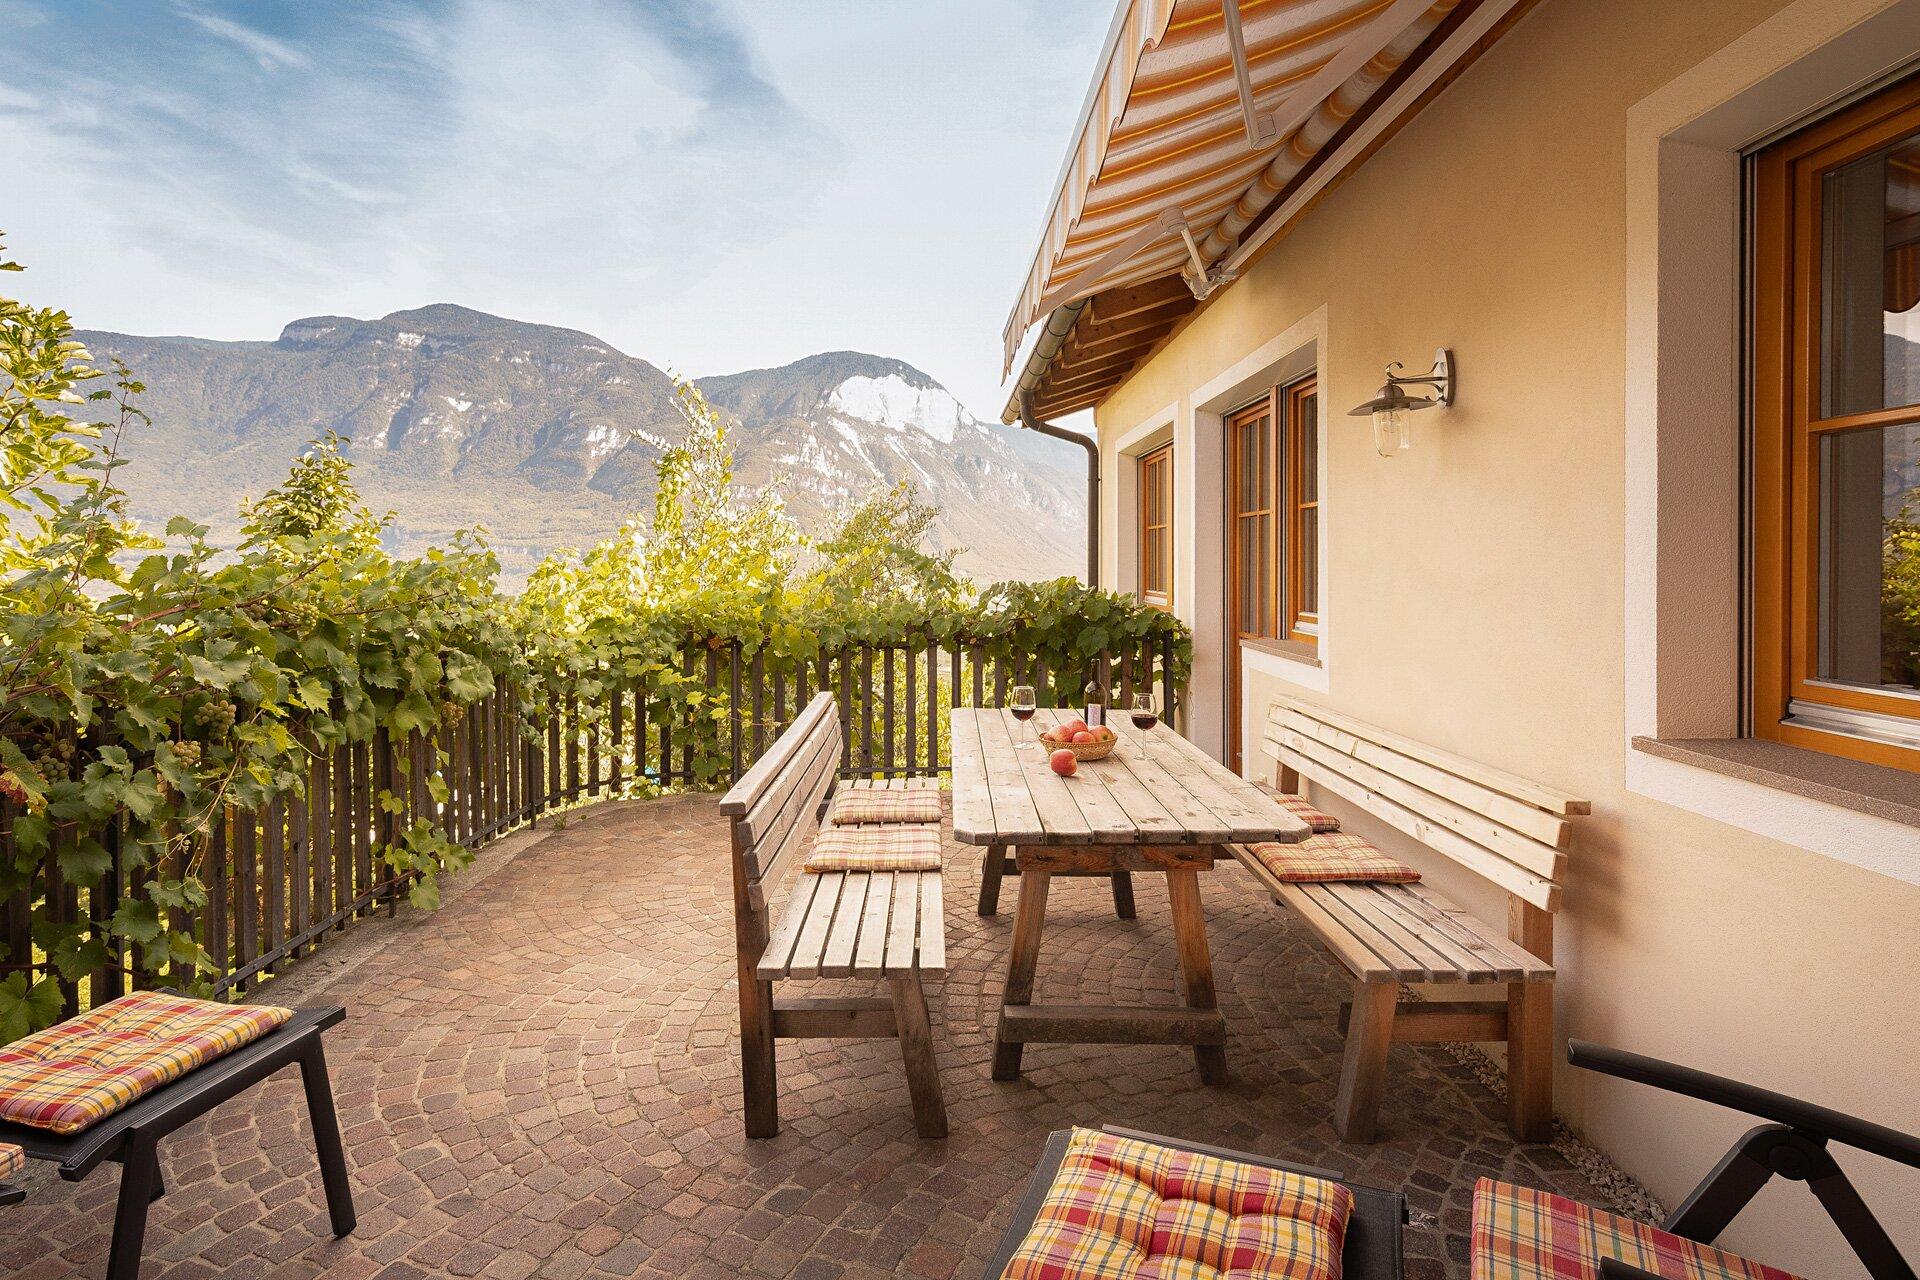 Tiroler Brettljause auf der Terrasse